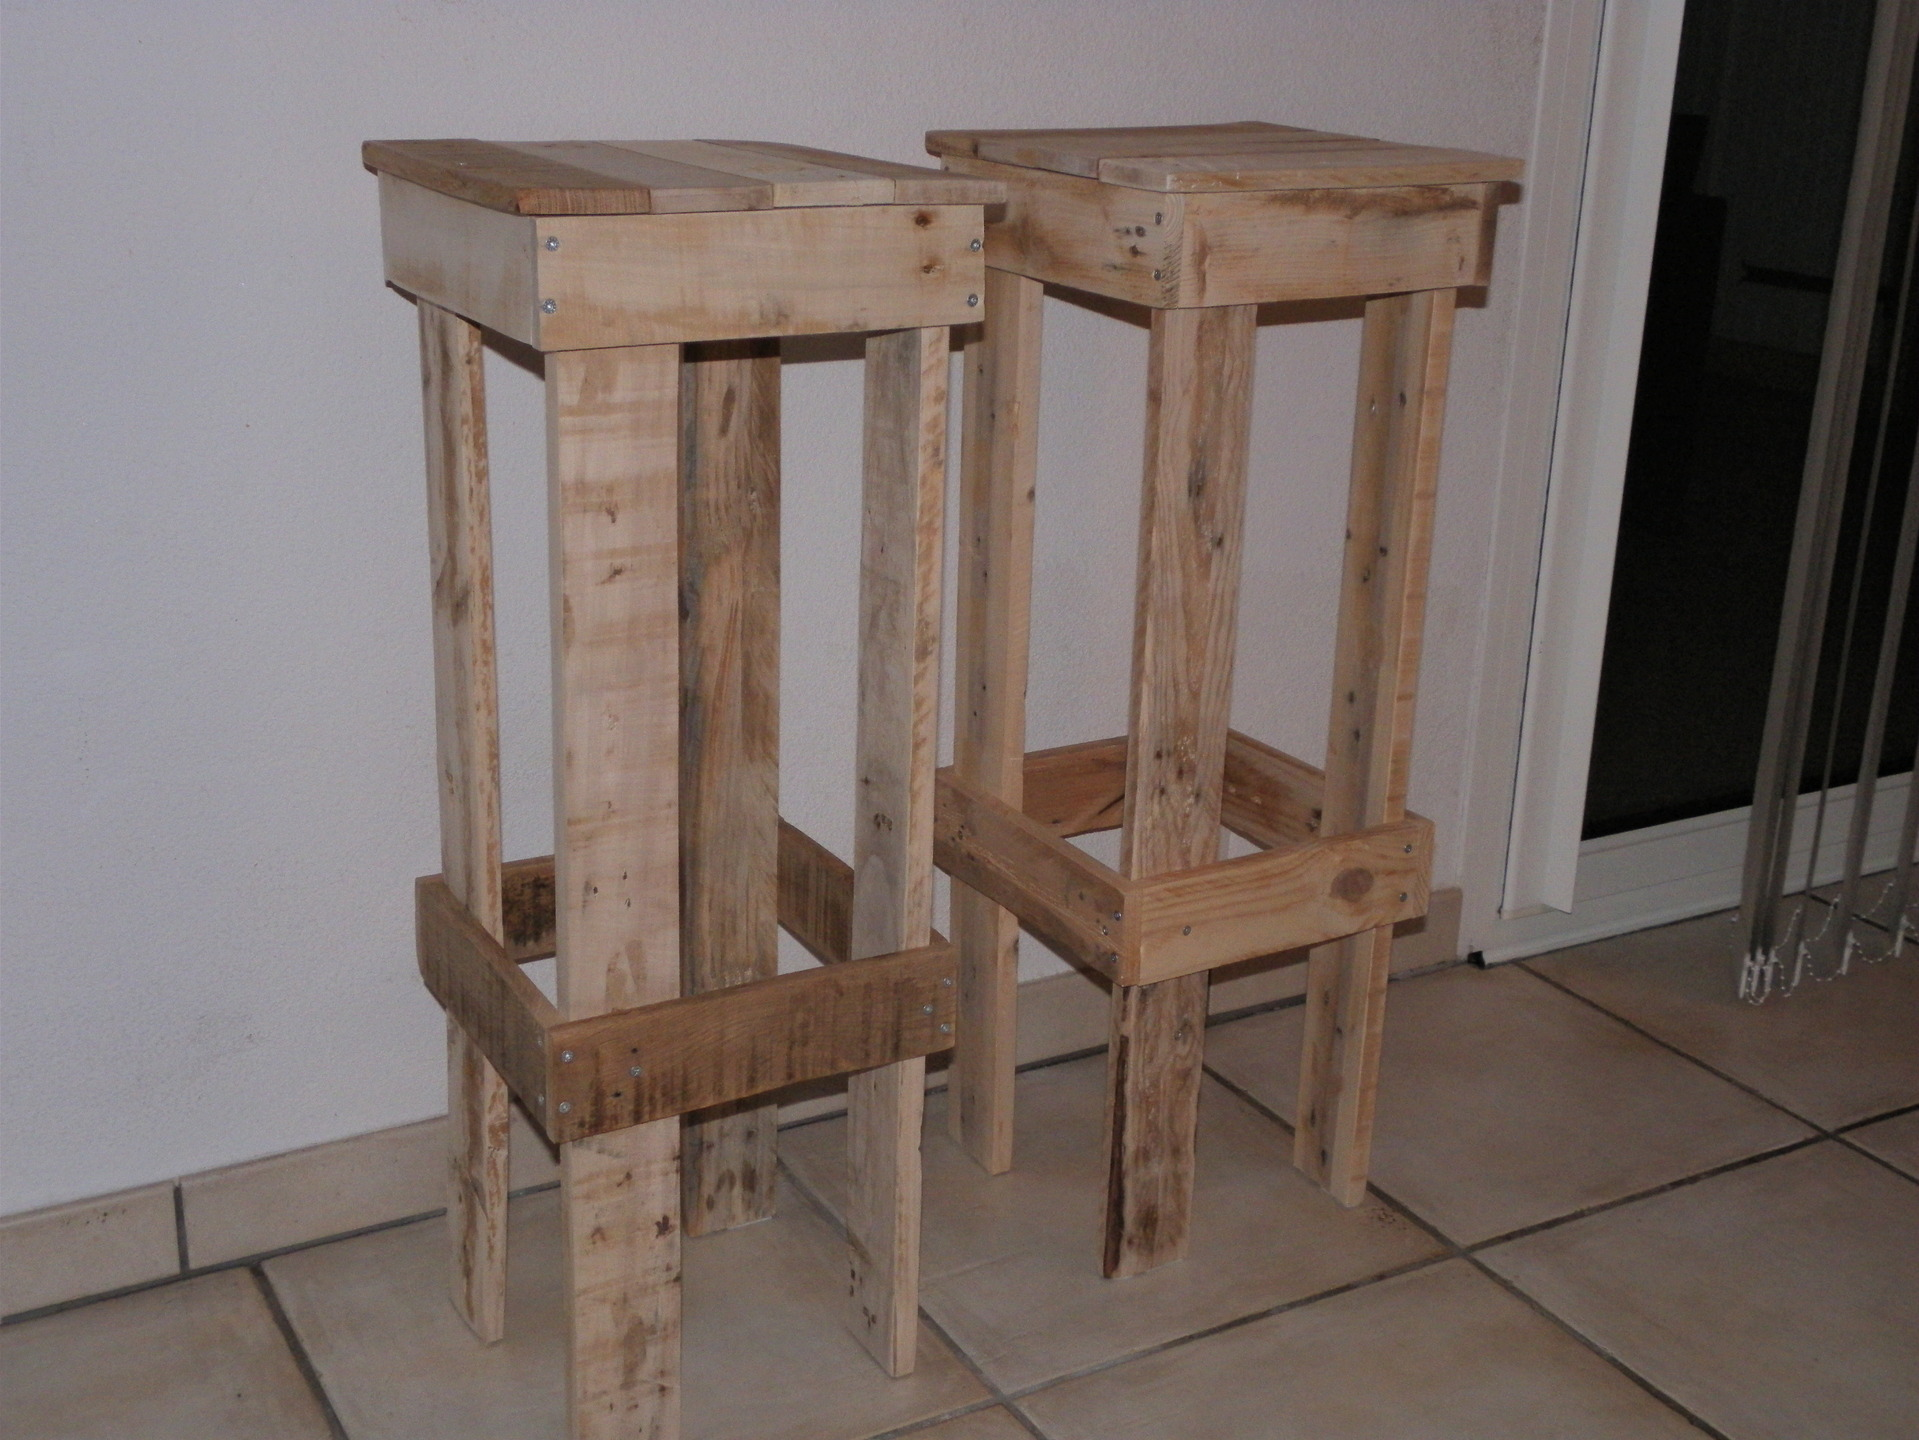 meuble fait en palette - l'habis